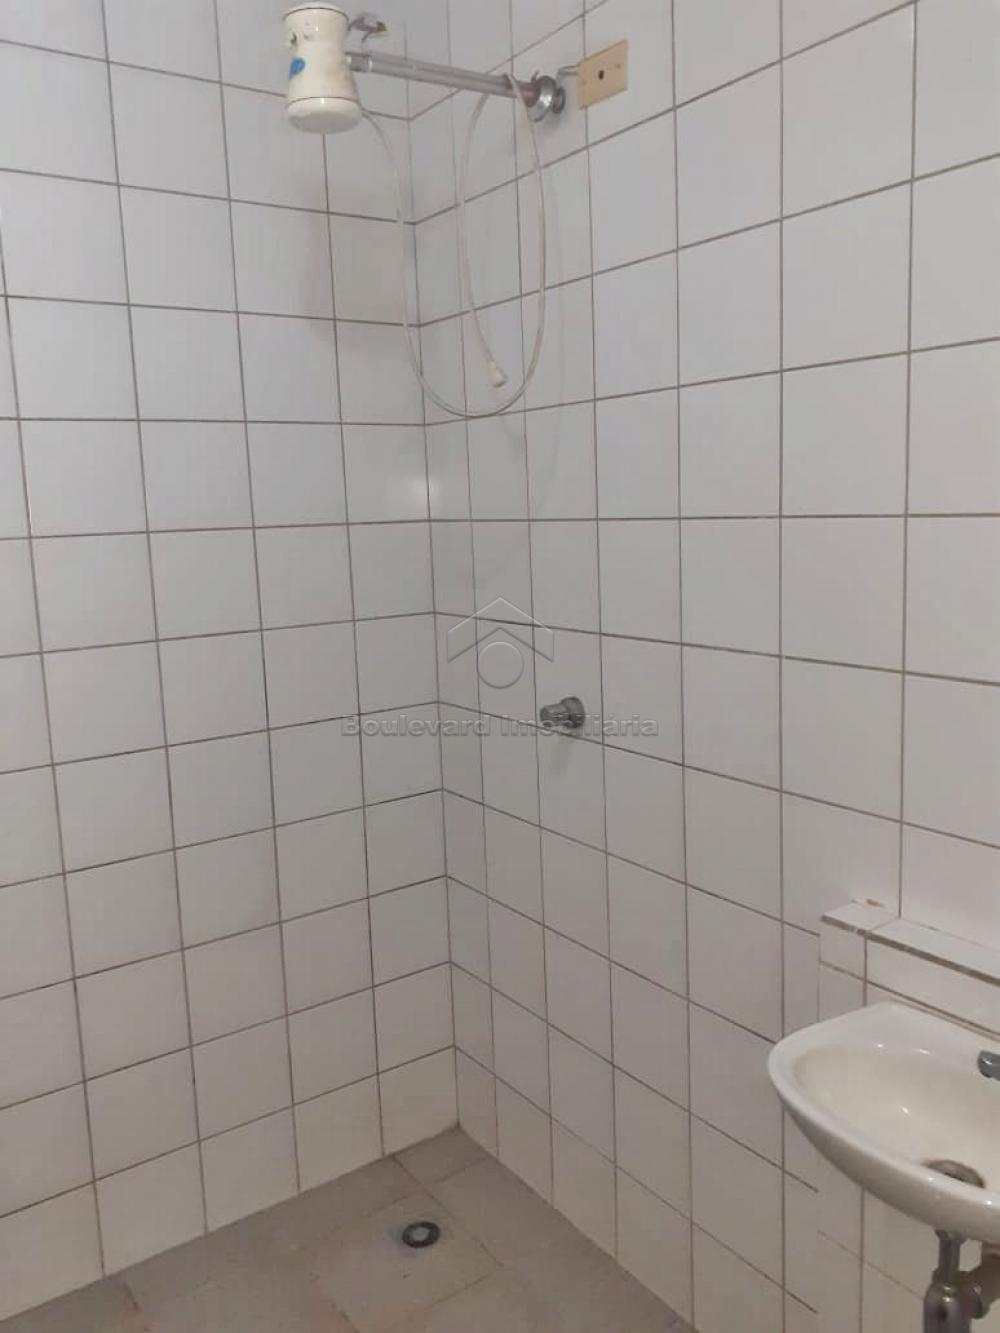 Alugar Apartamento / Padrão em Ribeirão Preto R$ 2.500,00 - Foto 31